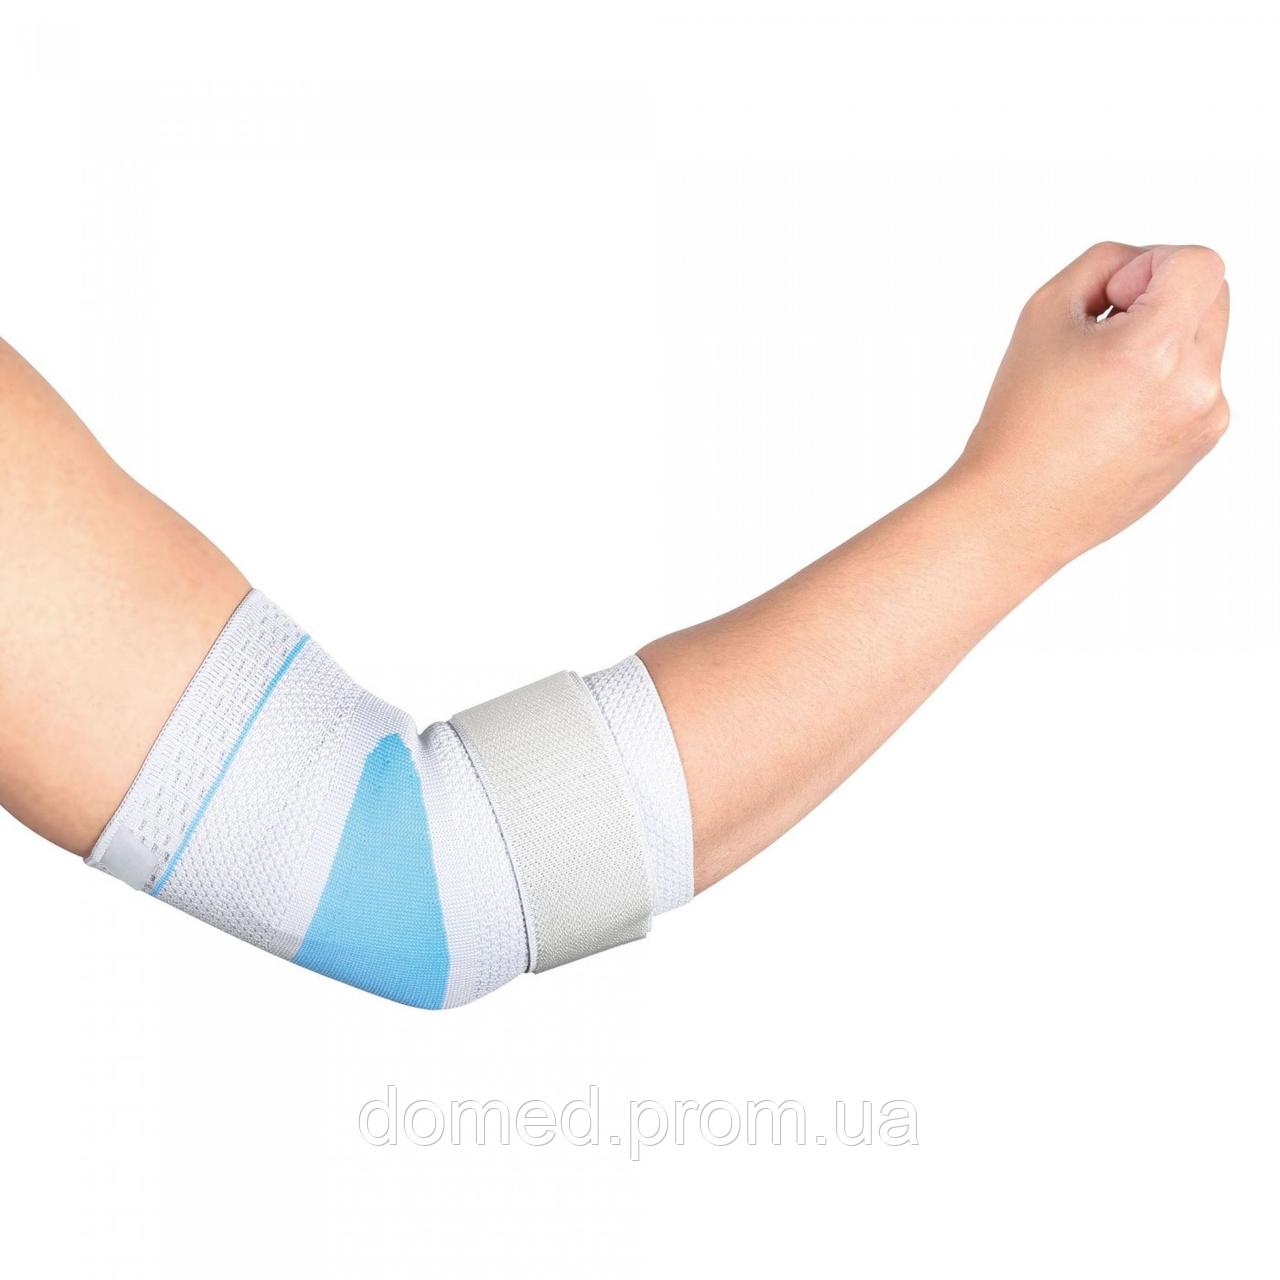 Бандаж Wellcare для локтевого сустава эластичный с силиконовой вставкой Wellcare 31011